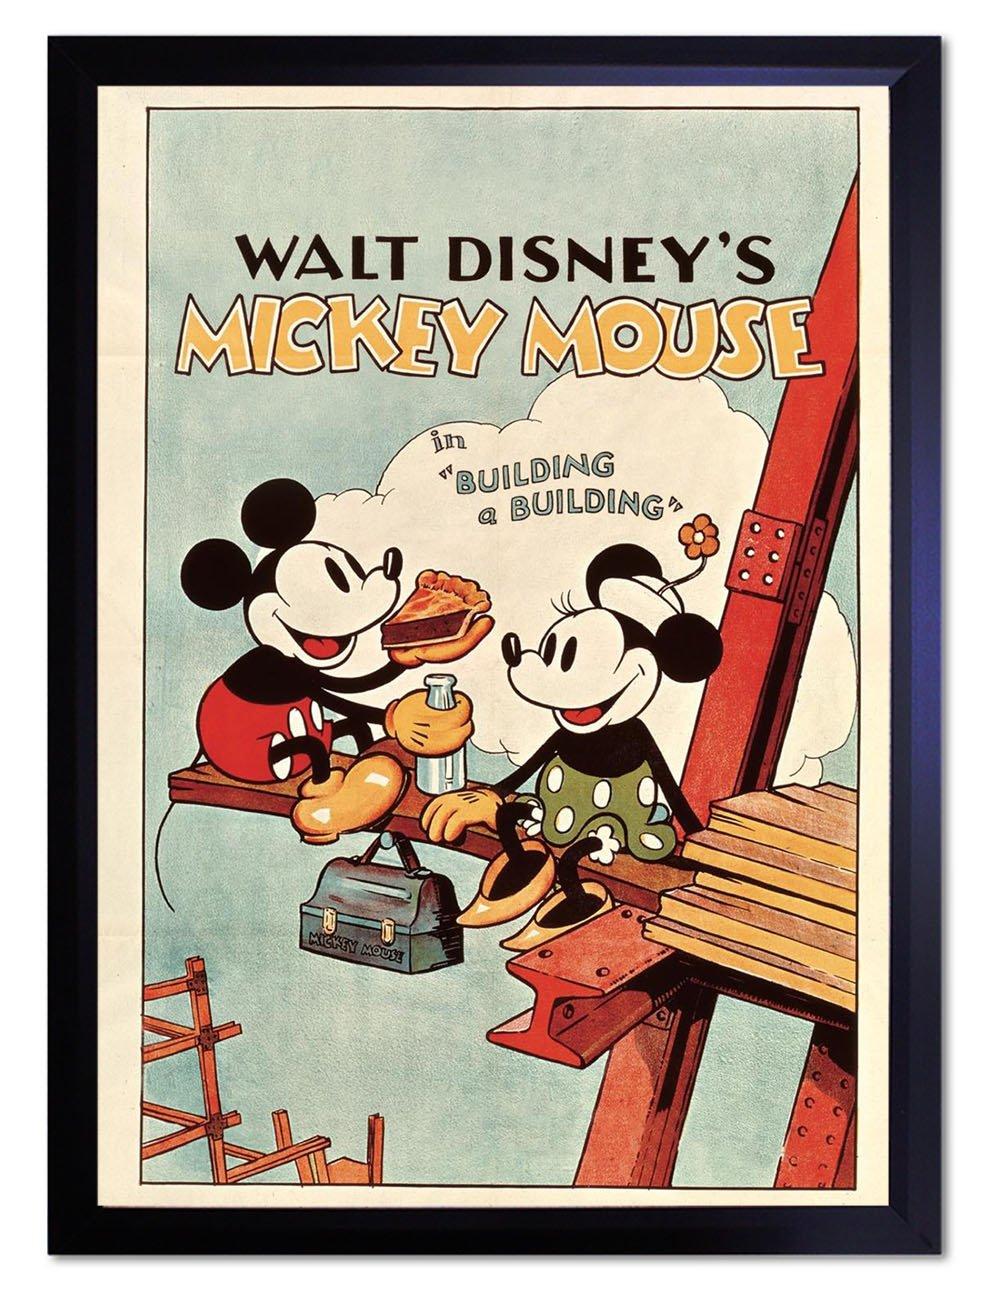 【DXポスター】ディズニーポスター Disney ミニーマウス レトロP-A2-POP-DSNY-0030-bk P-A2-POP-DSNY-0030-bk B073SD8LWY A2サイズ(59.4cm×42cm)+ブラックフレーム A2サイズ(59.4cm×42cm)+ブラックフレーム